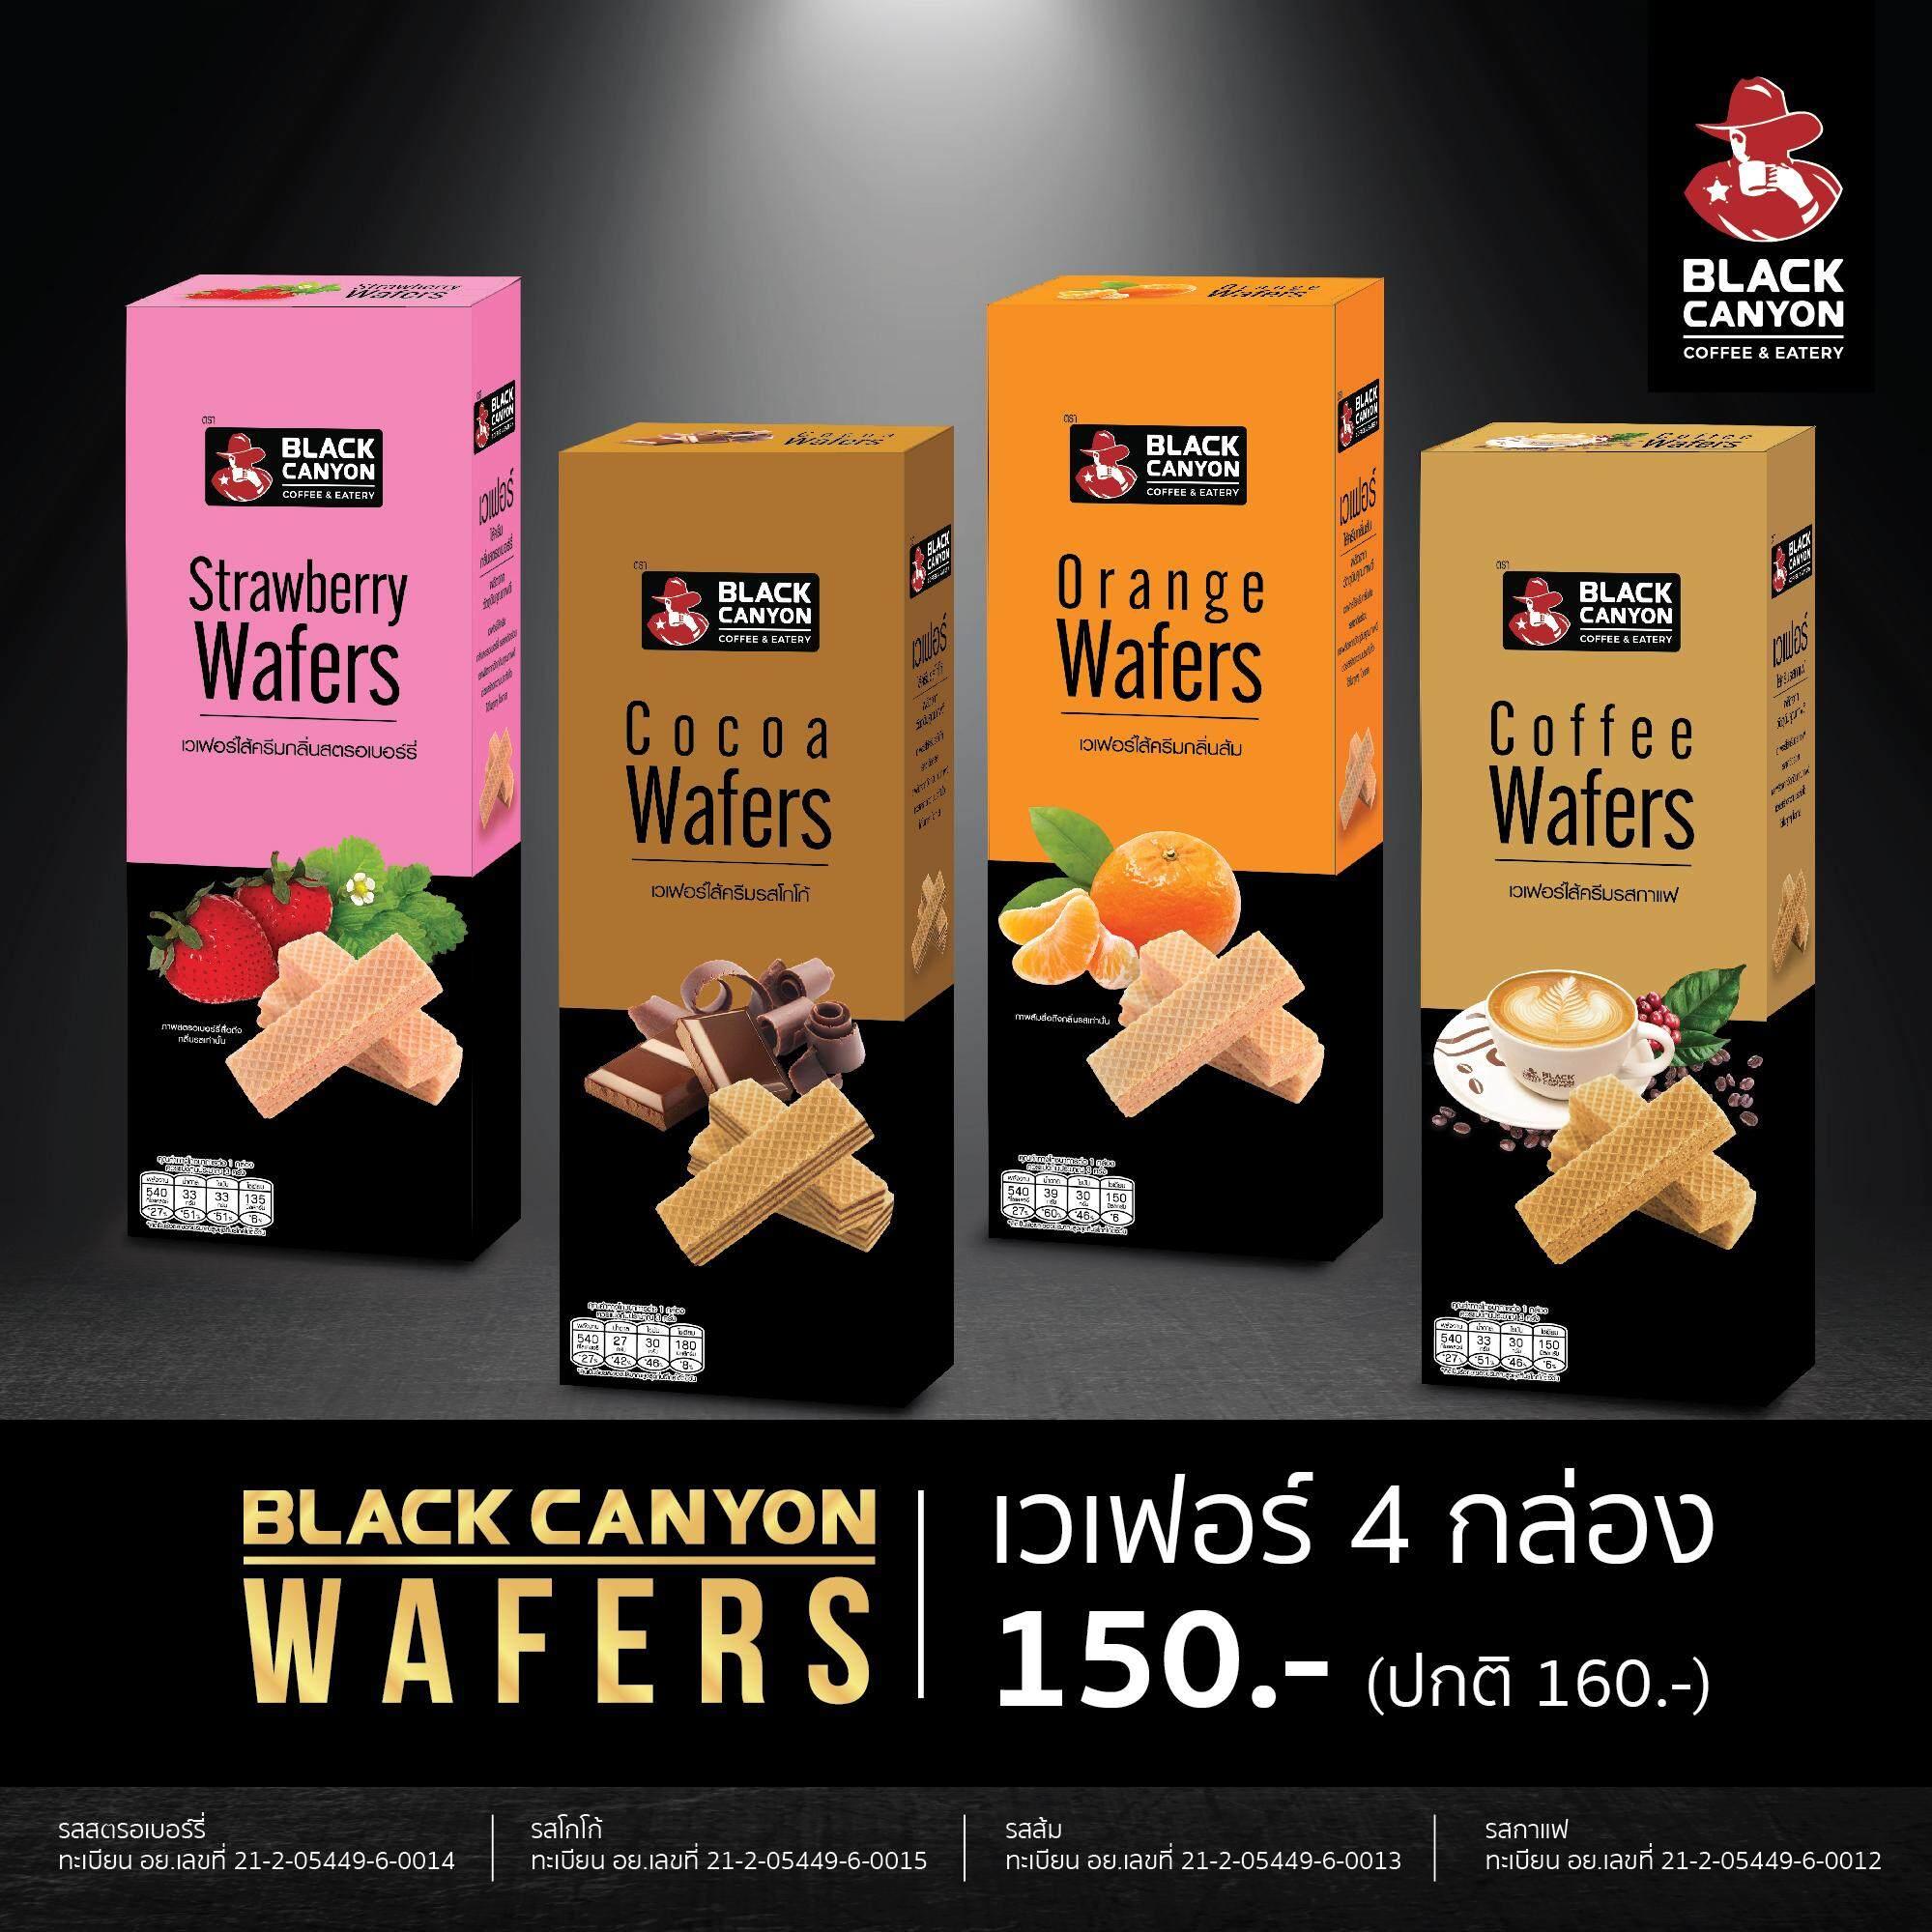 Black Canyon Wafers 4 กล่อง 4 รสชาติ ราคา พิเศษ 150.- ( ปกติ 160.-) 1 กล่อง บรรจุ 3 ห่อ.